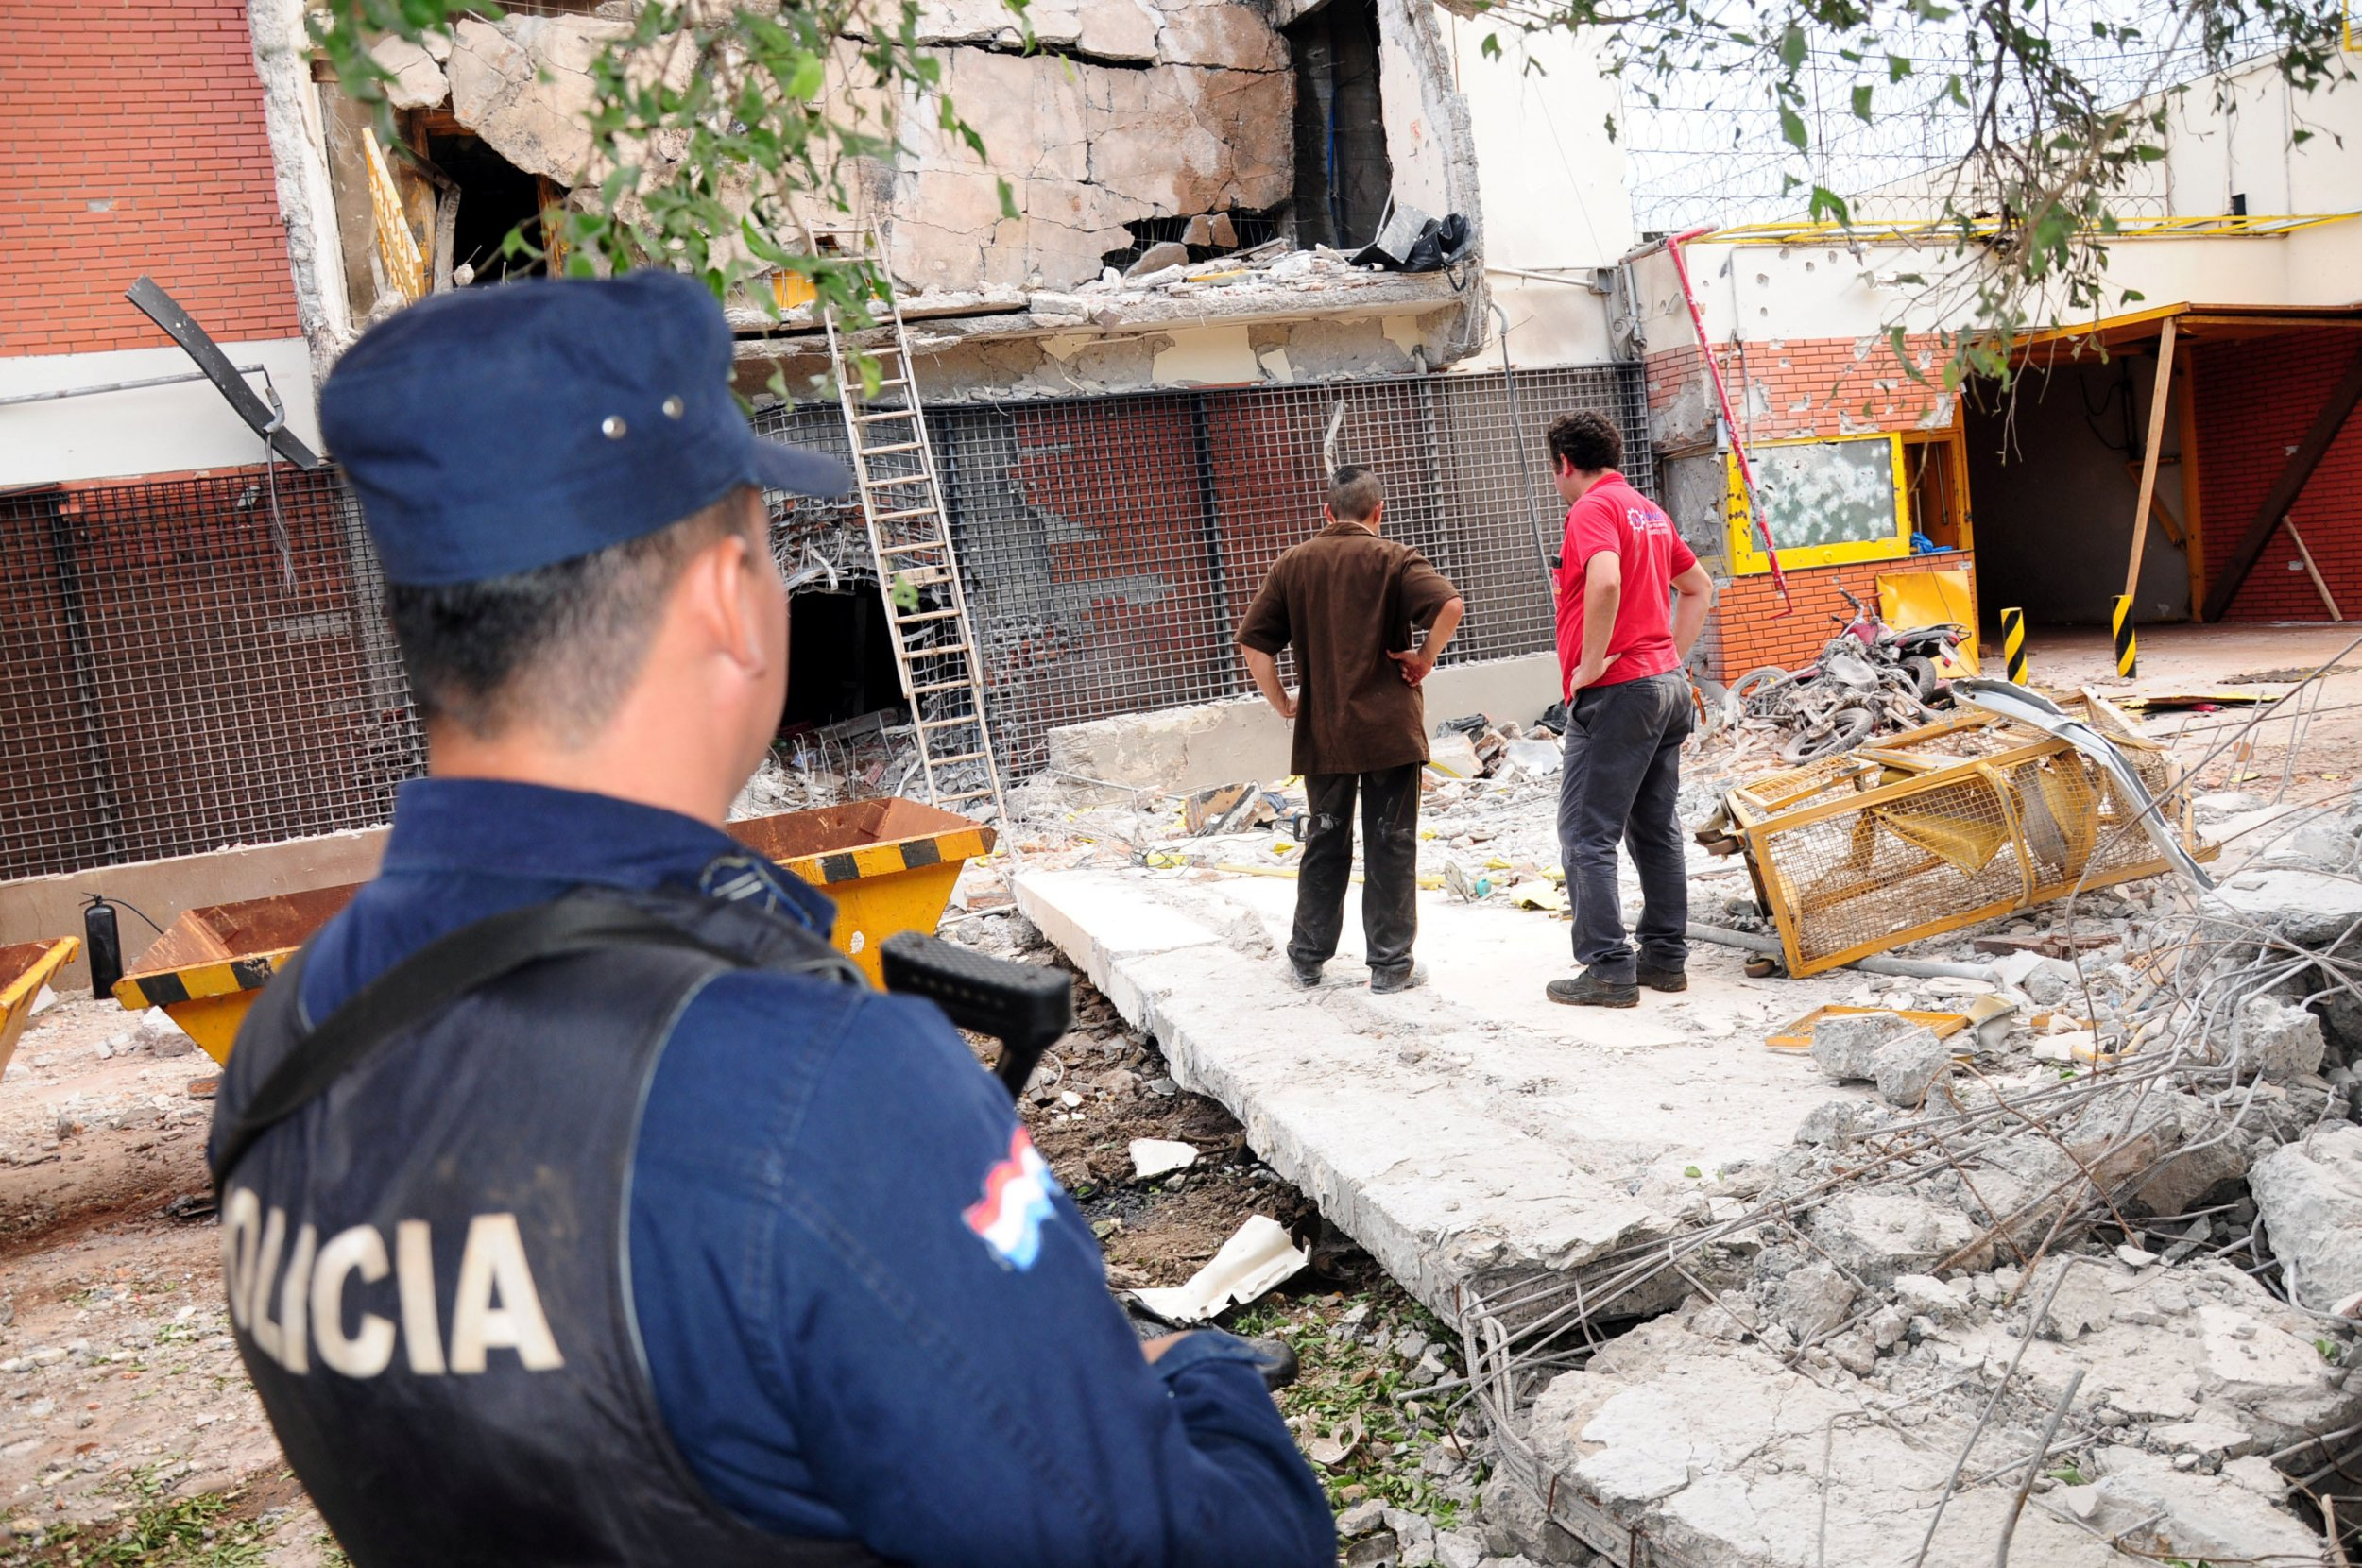 Ciudad Del Est assault